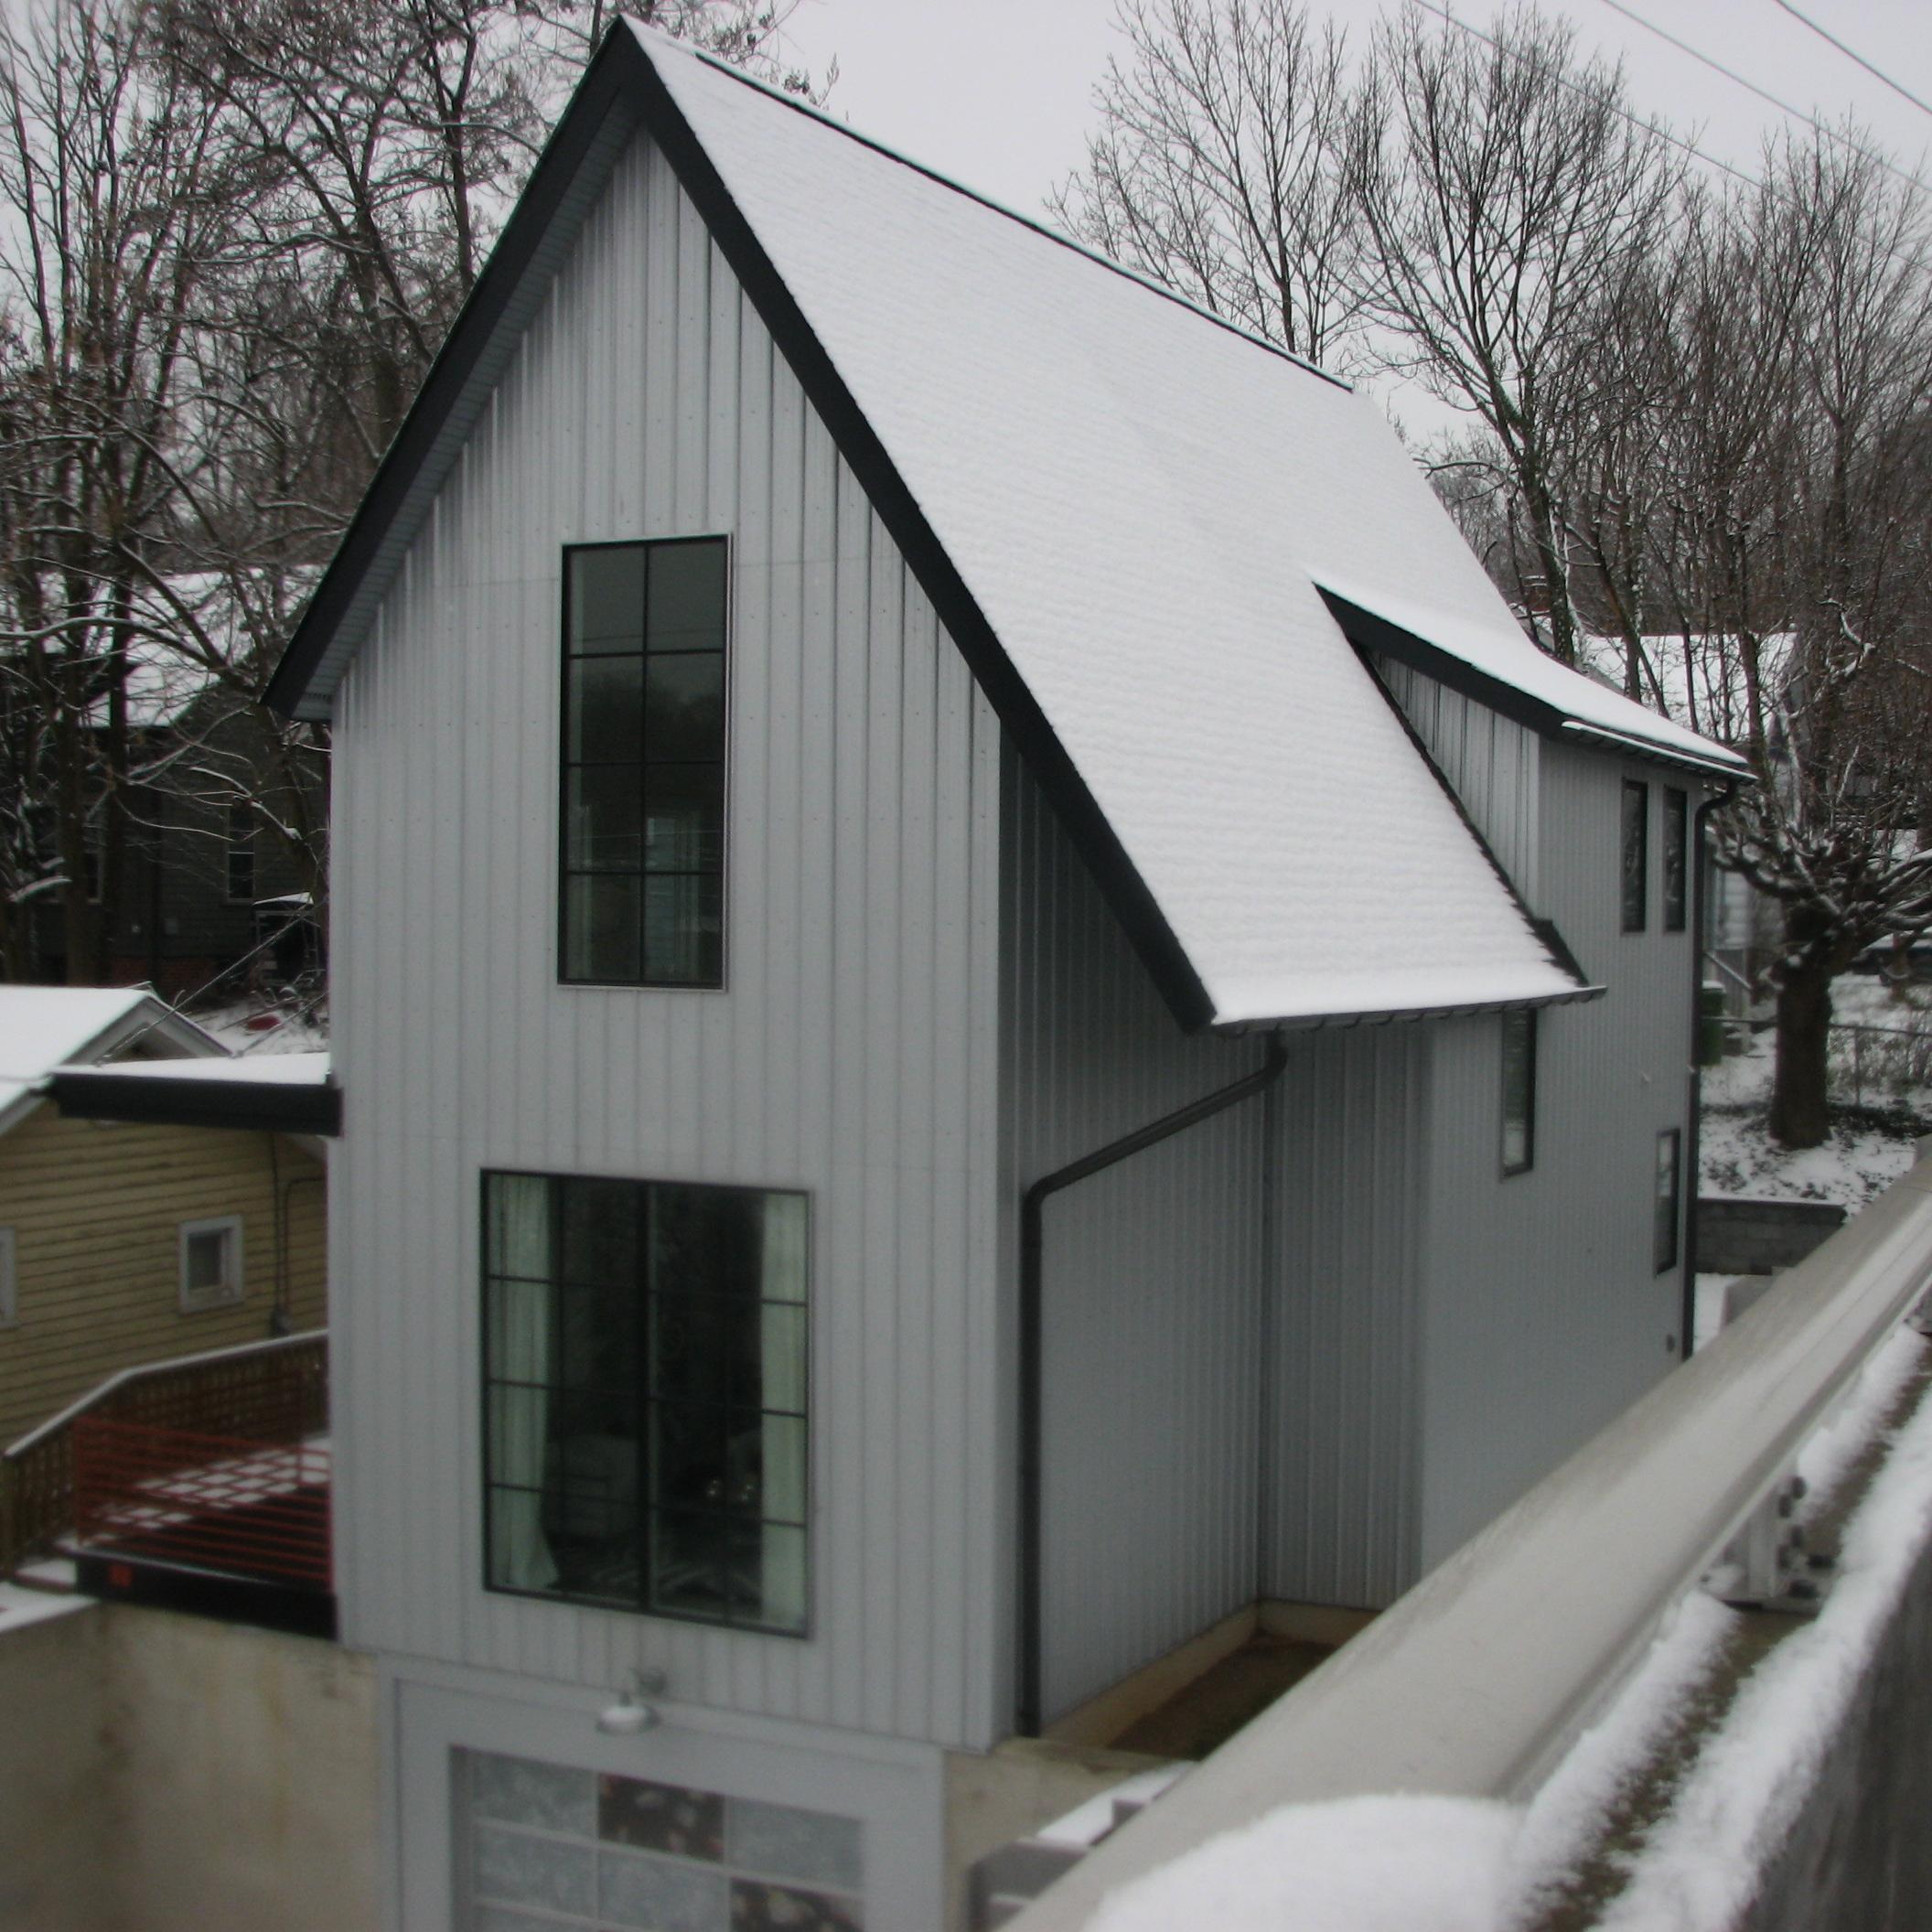 ROOST | TROLL HOUSE | WINTER SCENE.jpg